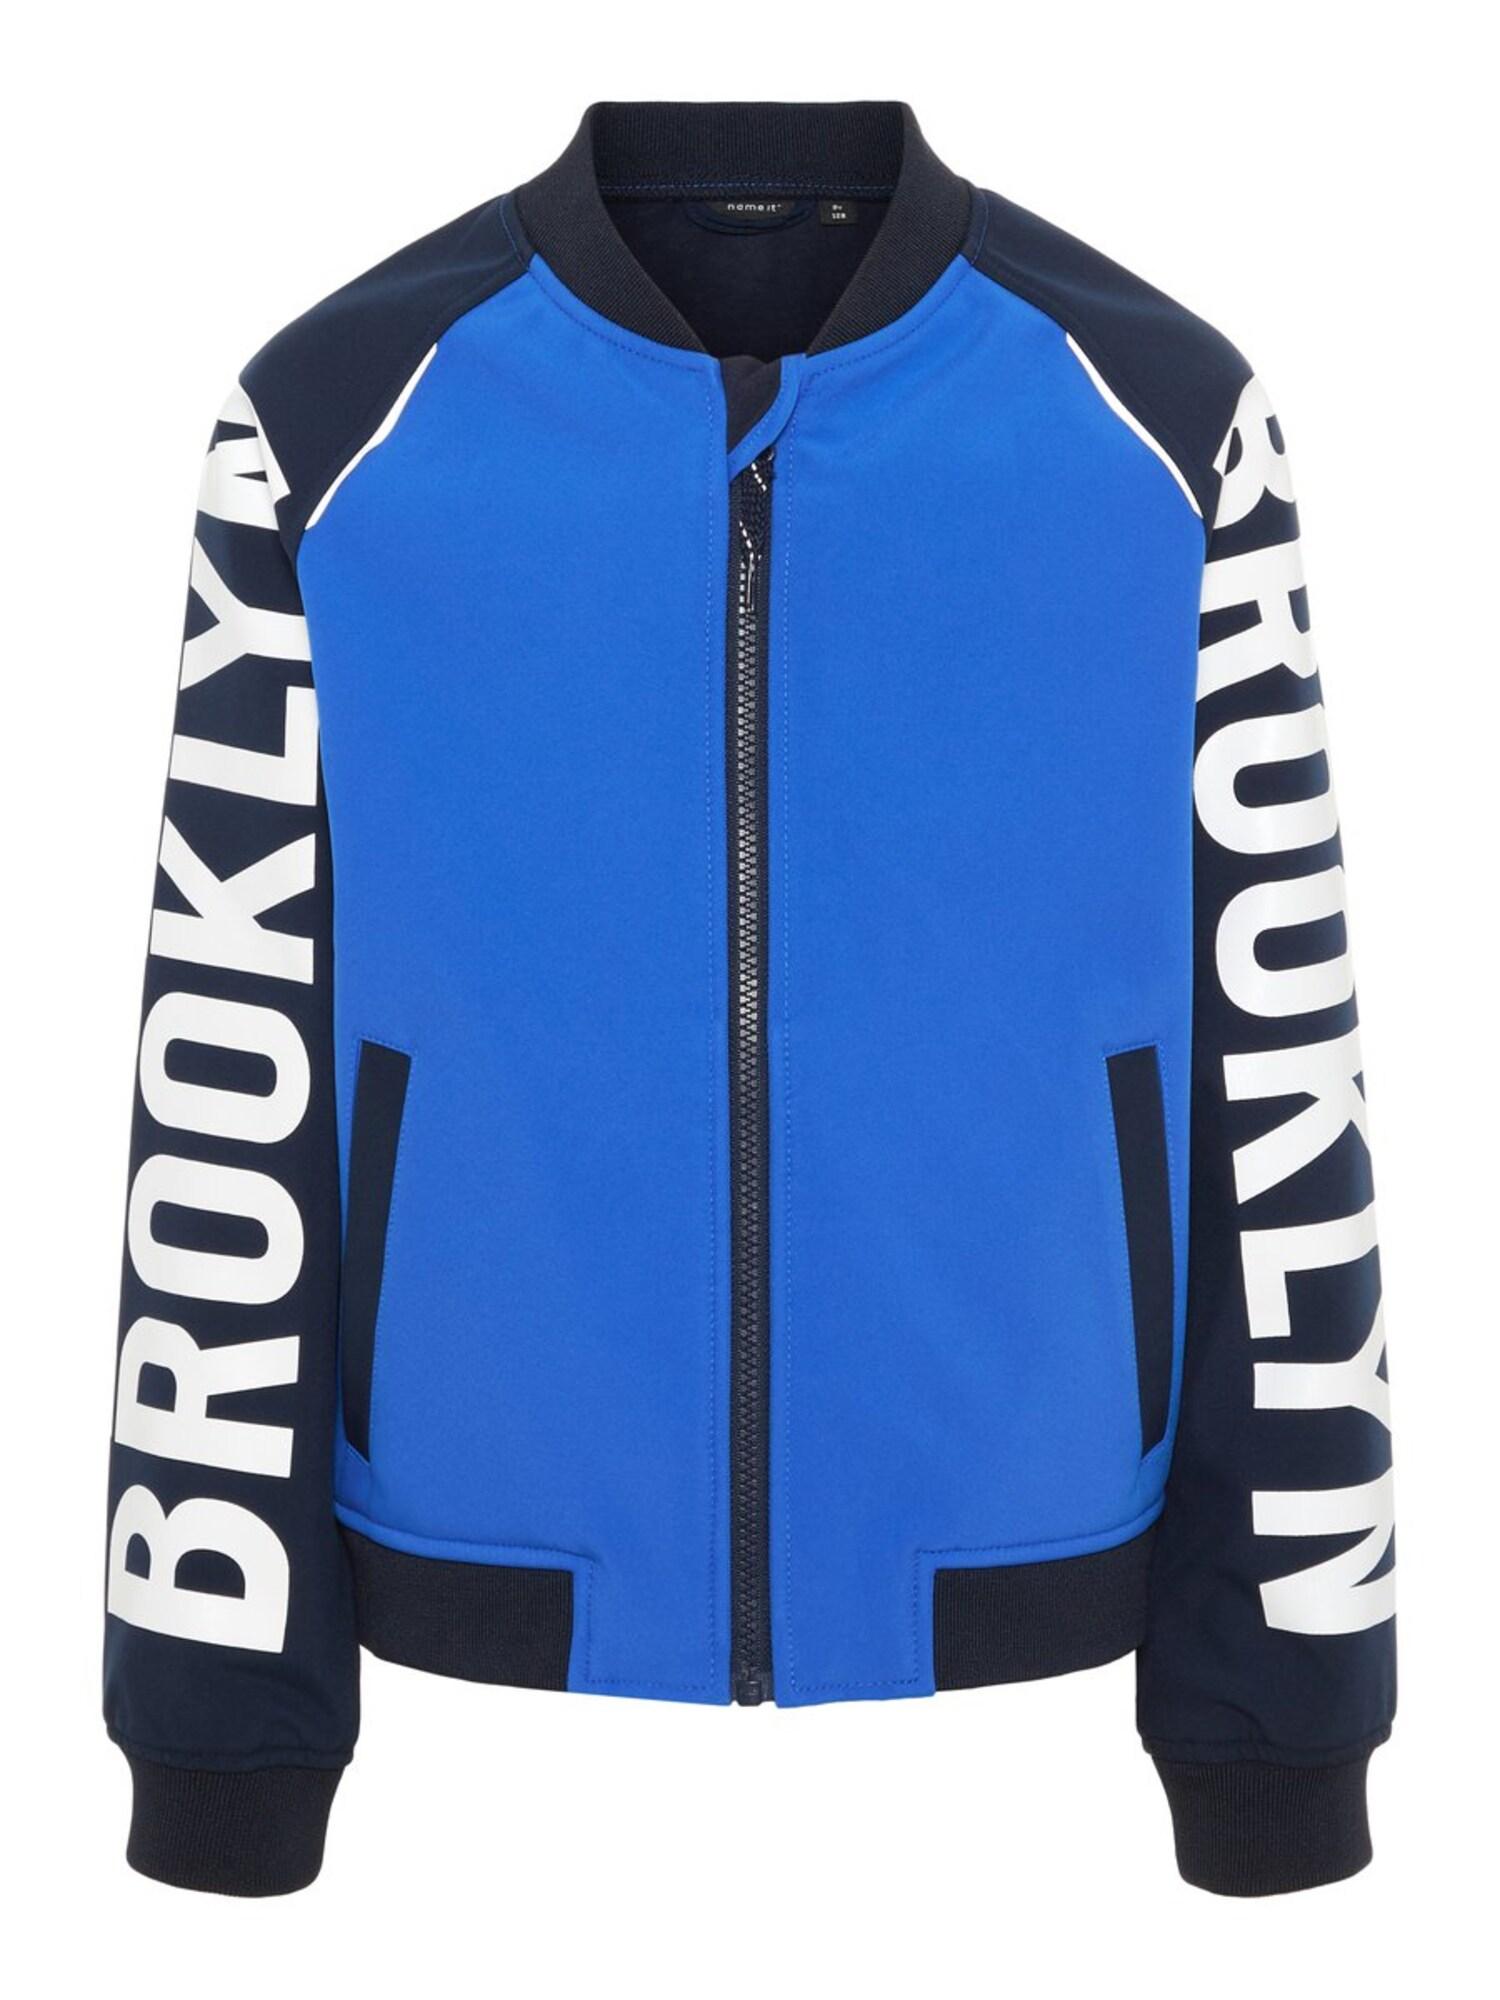 Funkční bunda Alfa noční modrá královská modrá bílá NAME IT